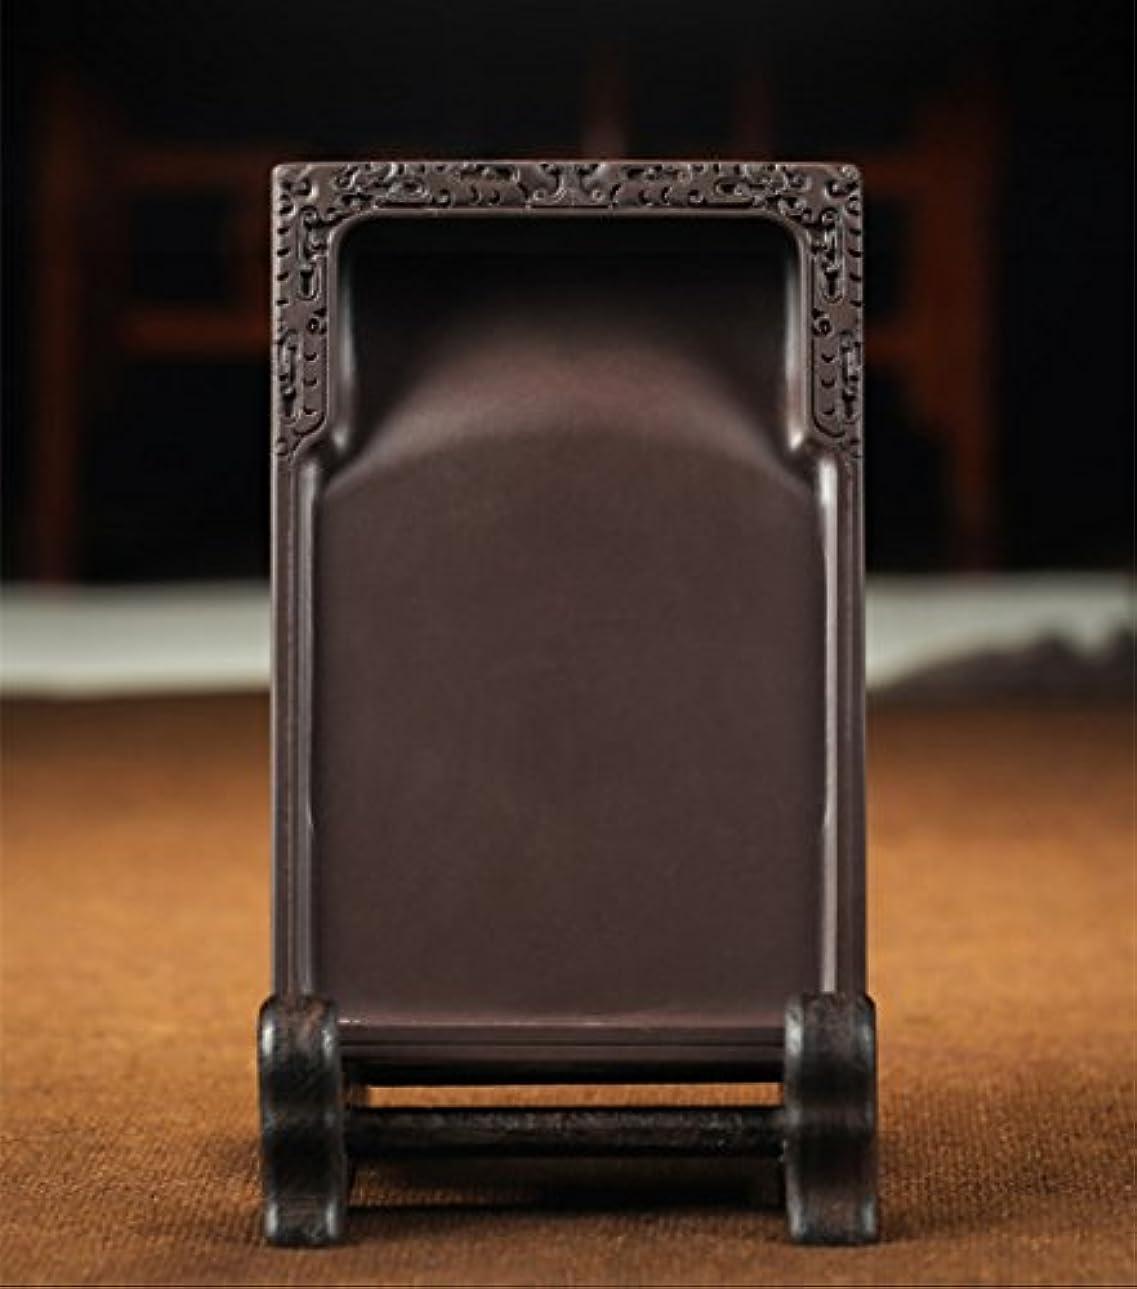 使い込む間に合わせ入浴硯 6吋 硯石 実用硯 木箱 書道用品 墨池 角硯